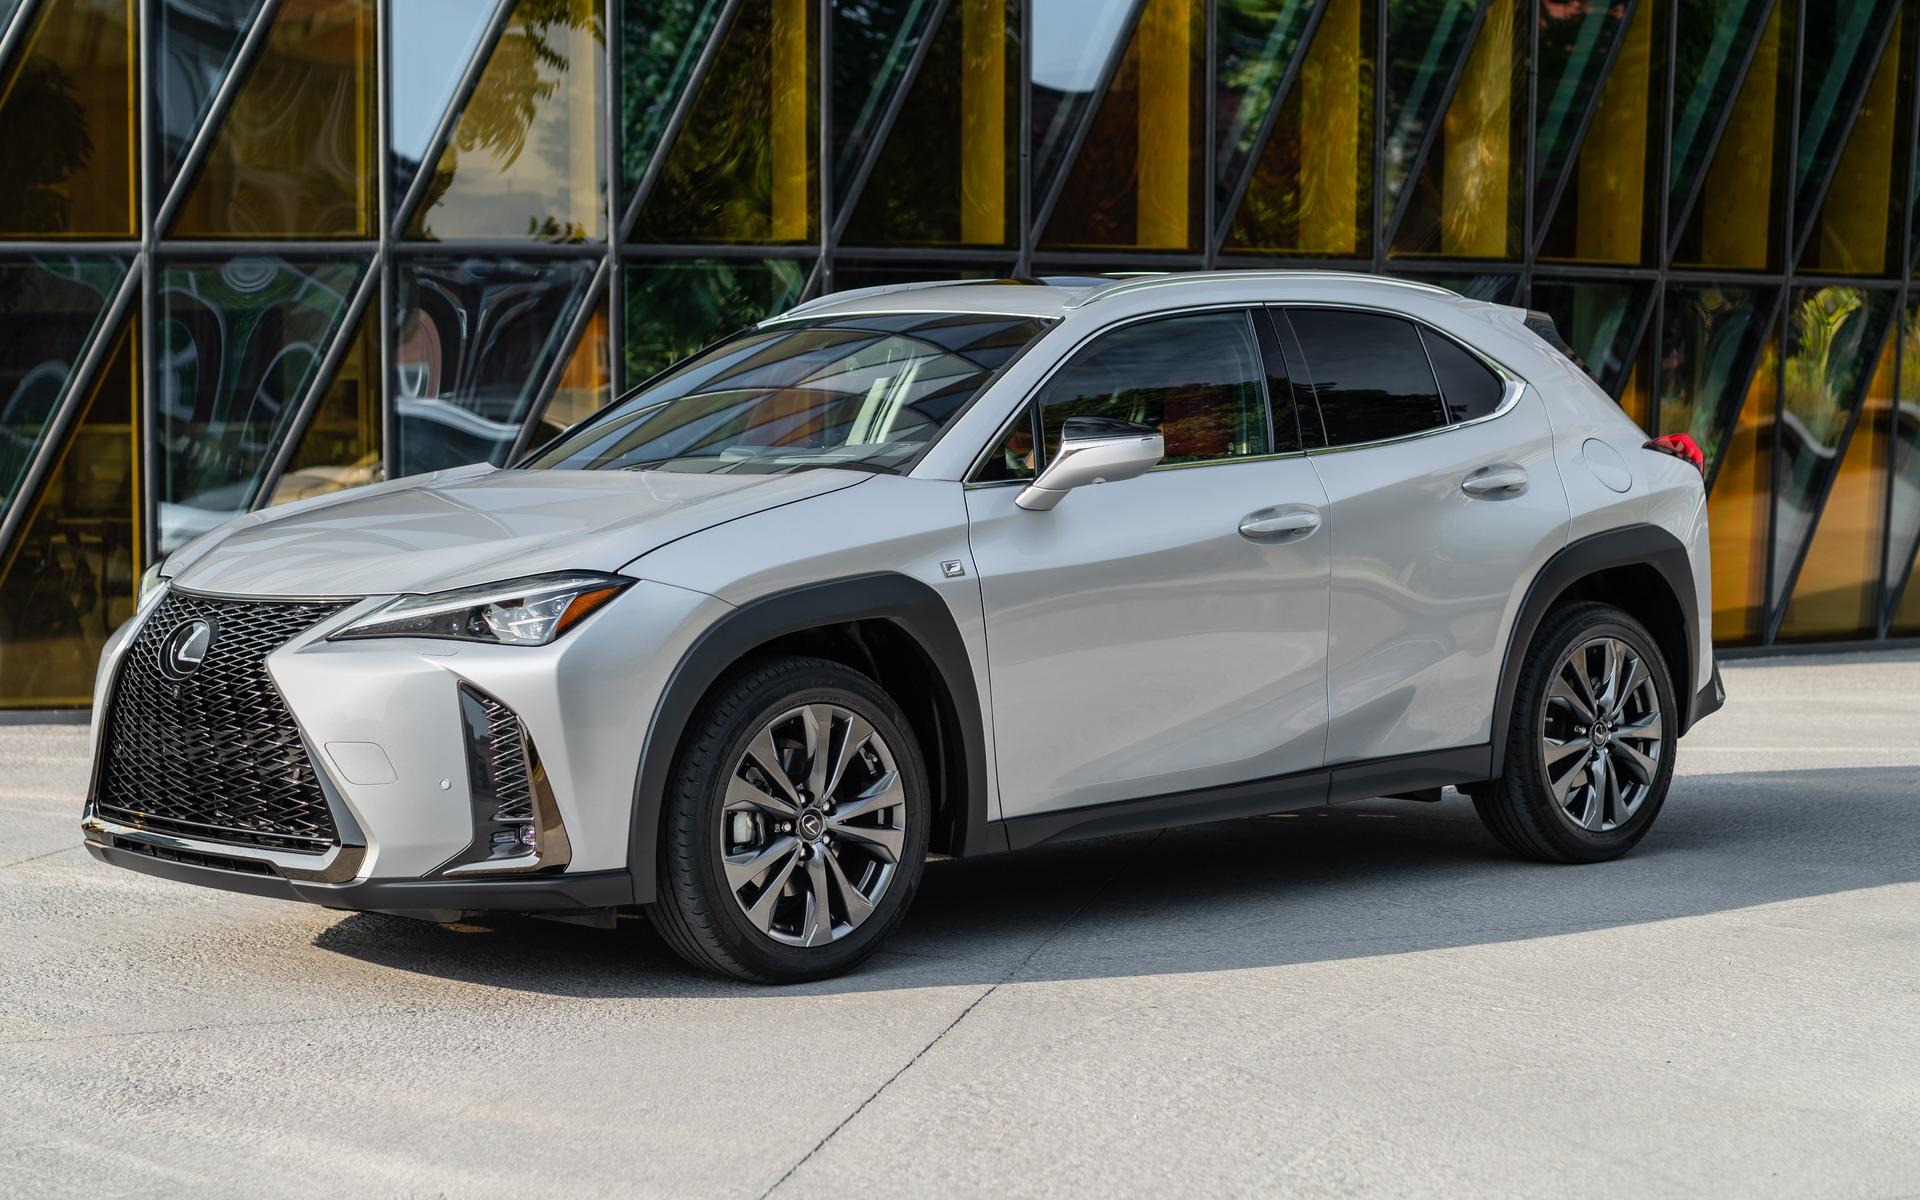 Lexus UX 2019 : tout ce qu'il faut savoir si ce modèle vous intéresse 347036_2019_Lexus_UX